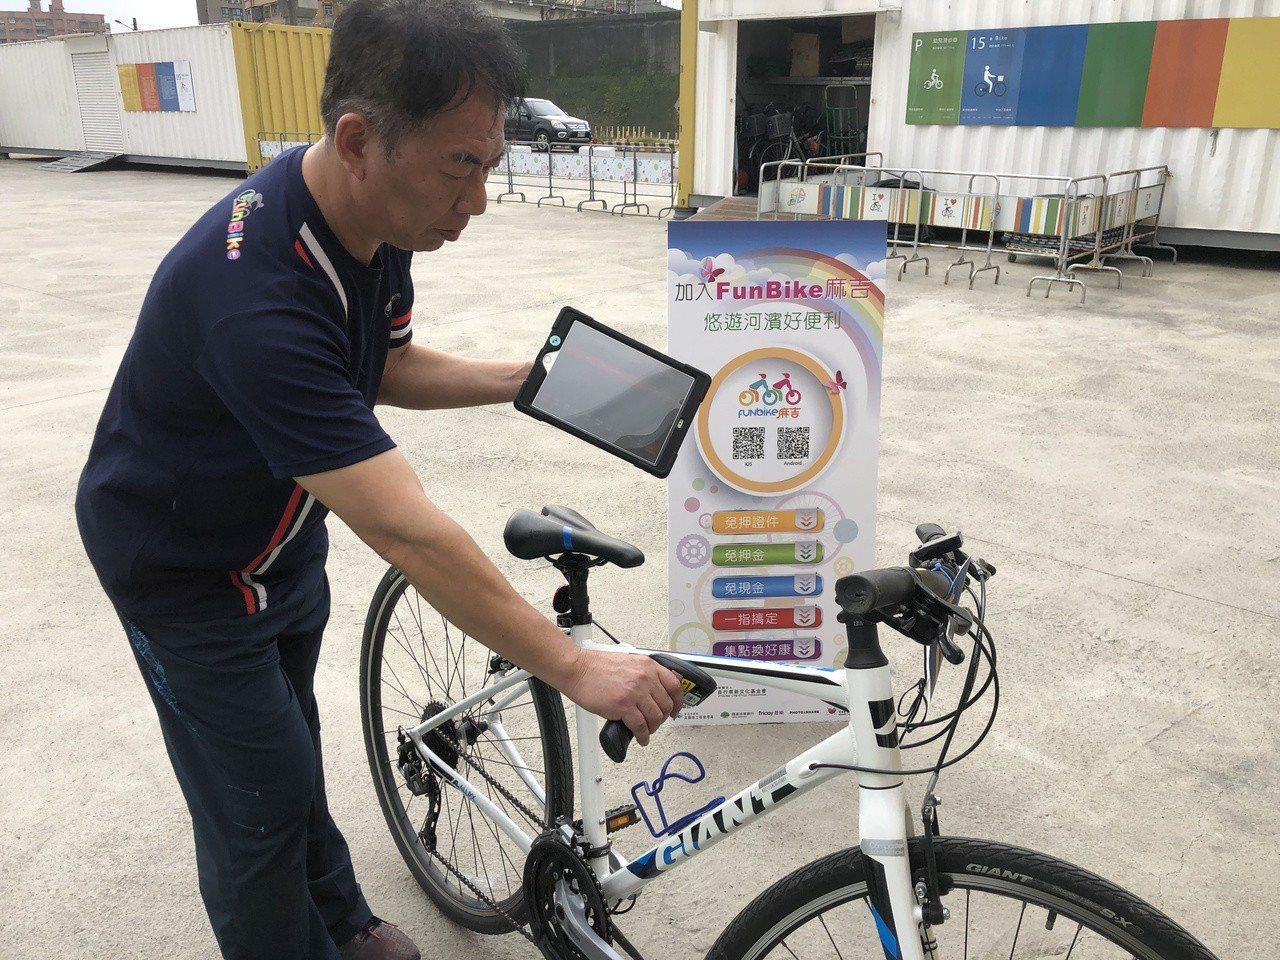 為推廣智能城市並提升市民生活,到新北河濱租借自行車,只要下載「FunBike麻吉...